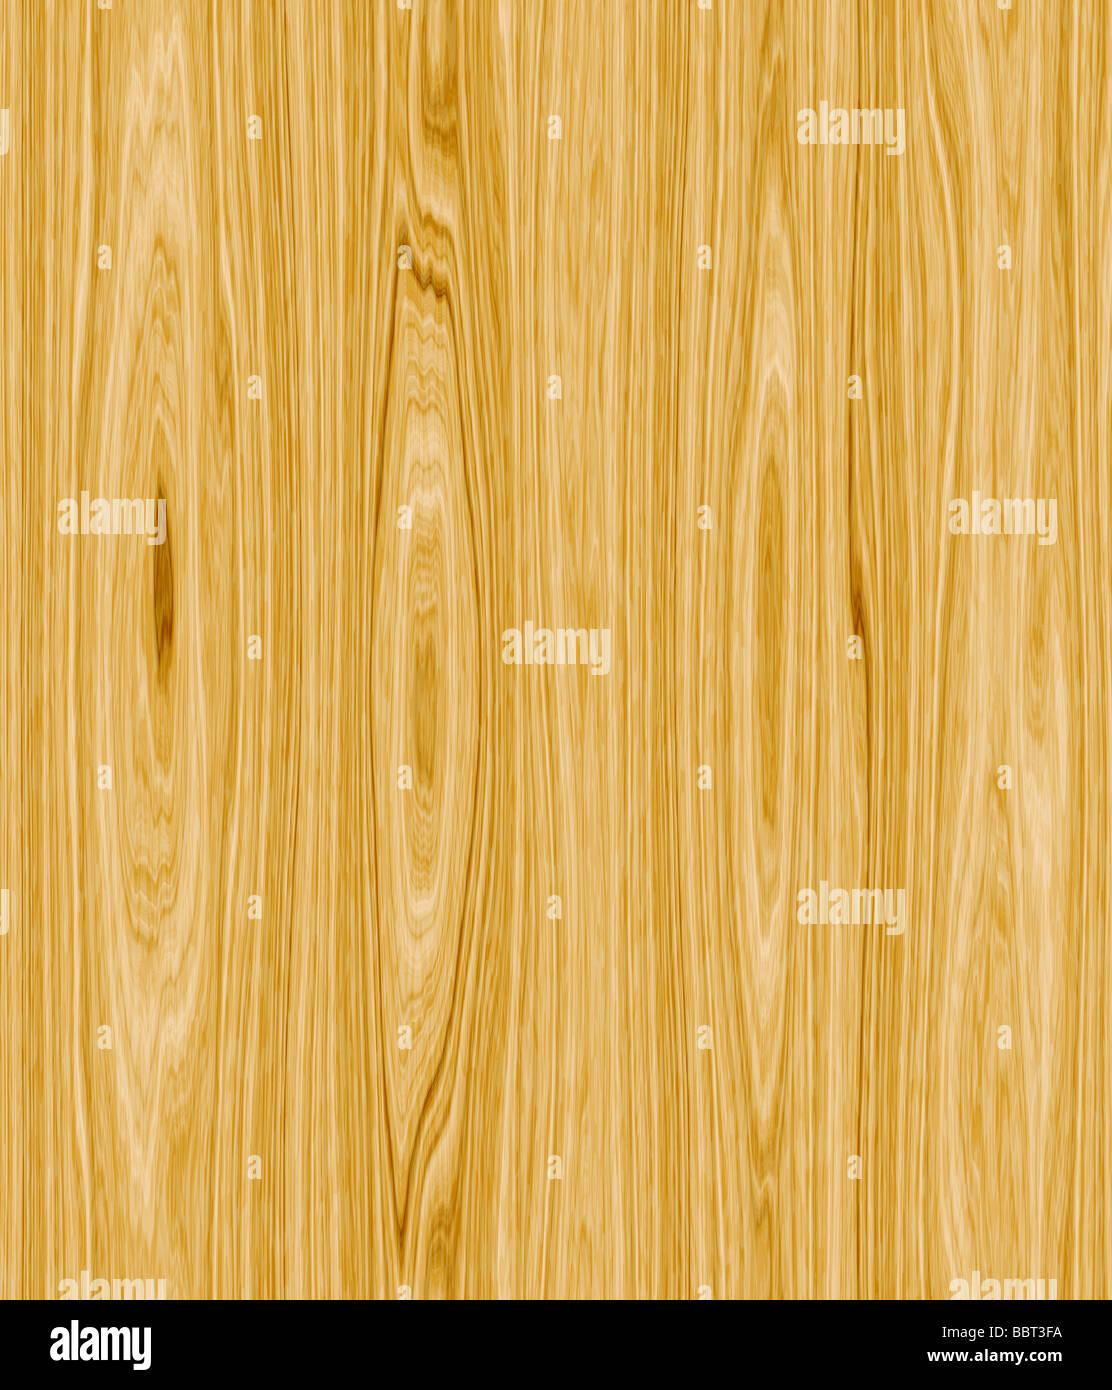 Gran textura de madera de pino granulosas imágenes de fondo Imagen De Stock